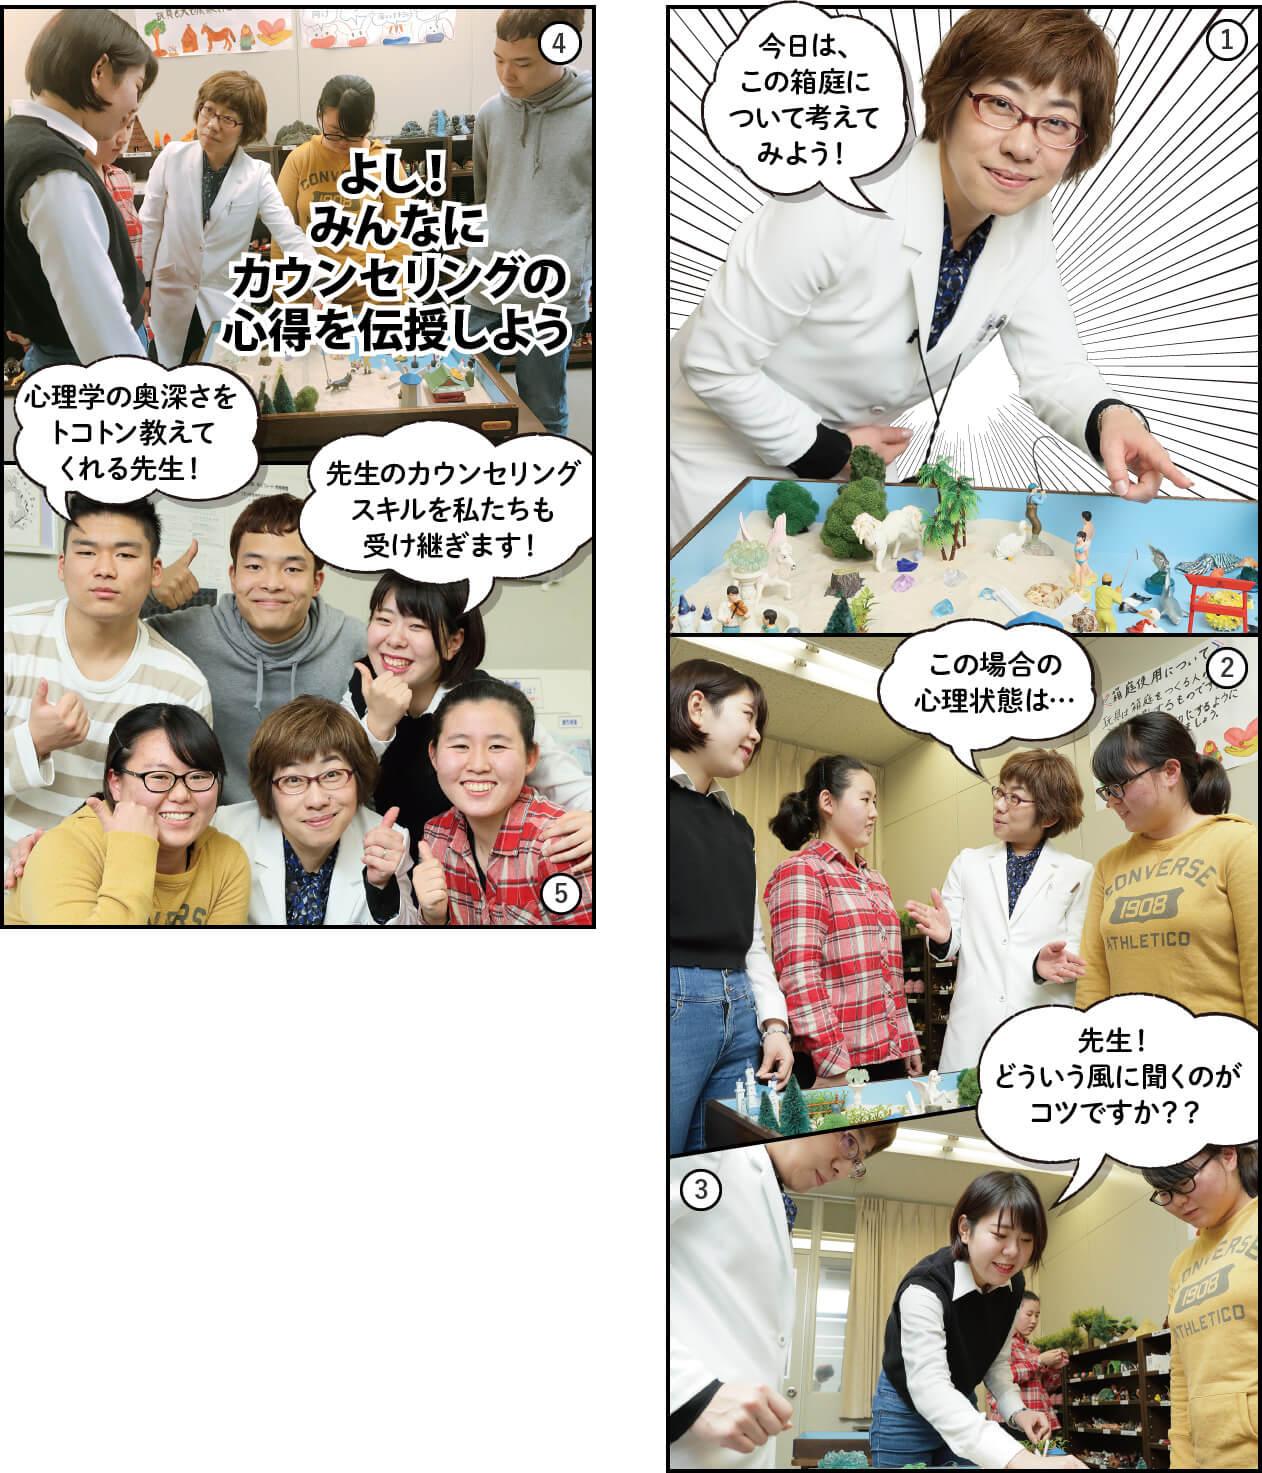 小川正子先生